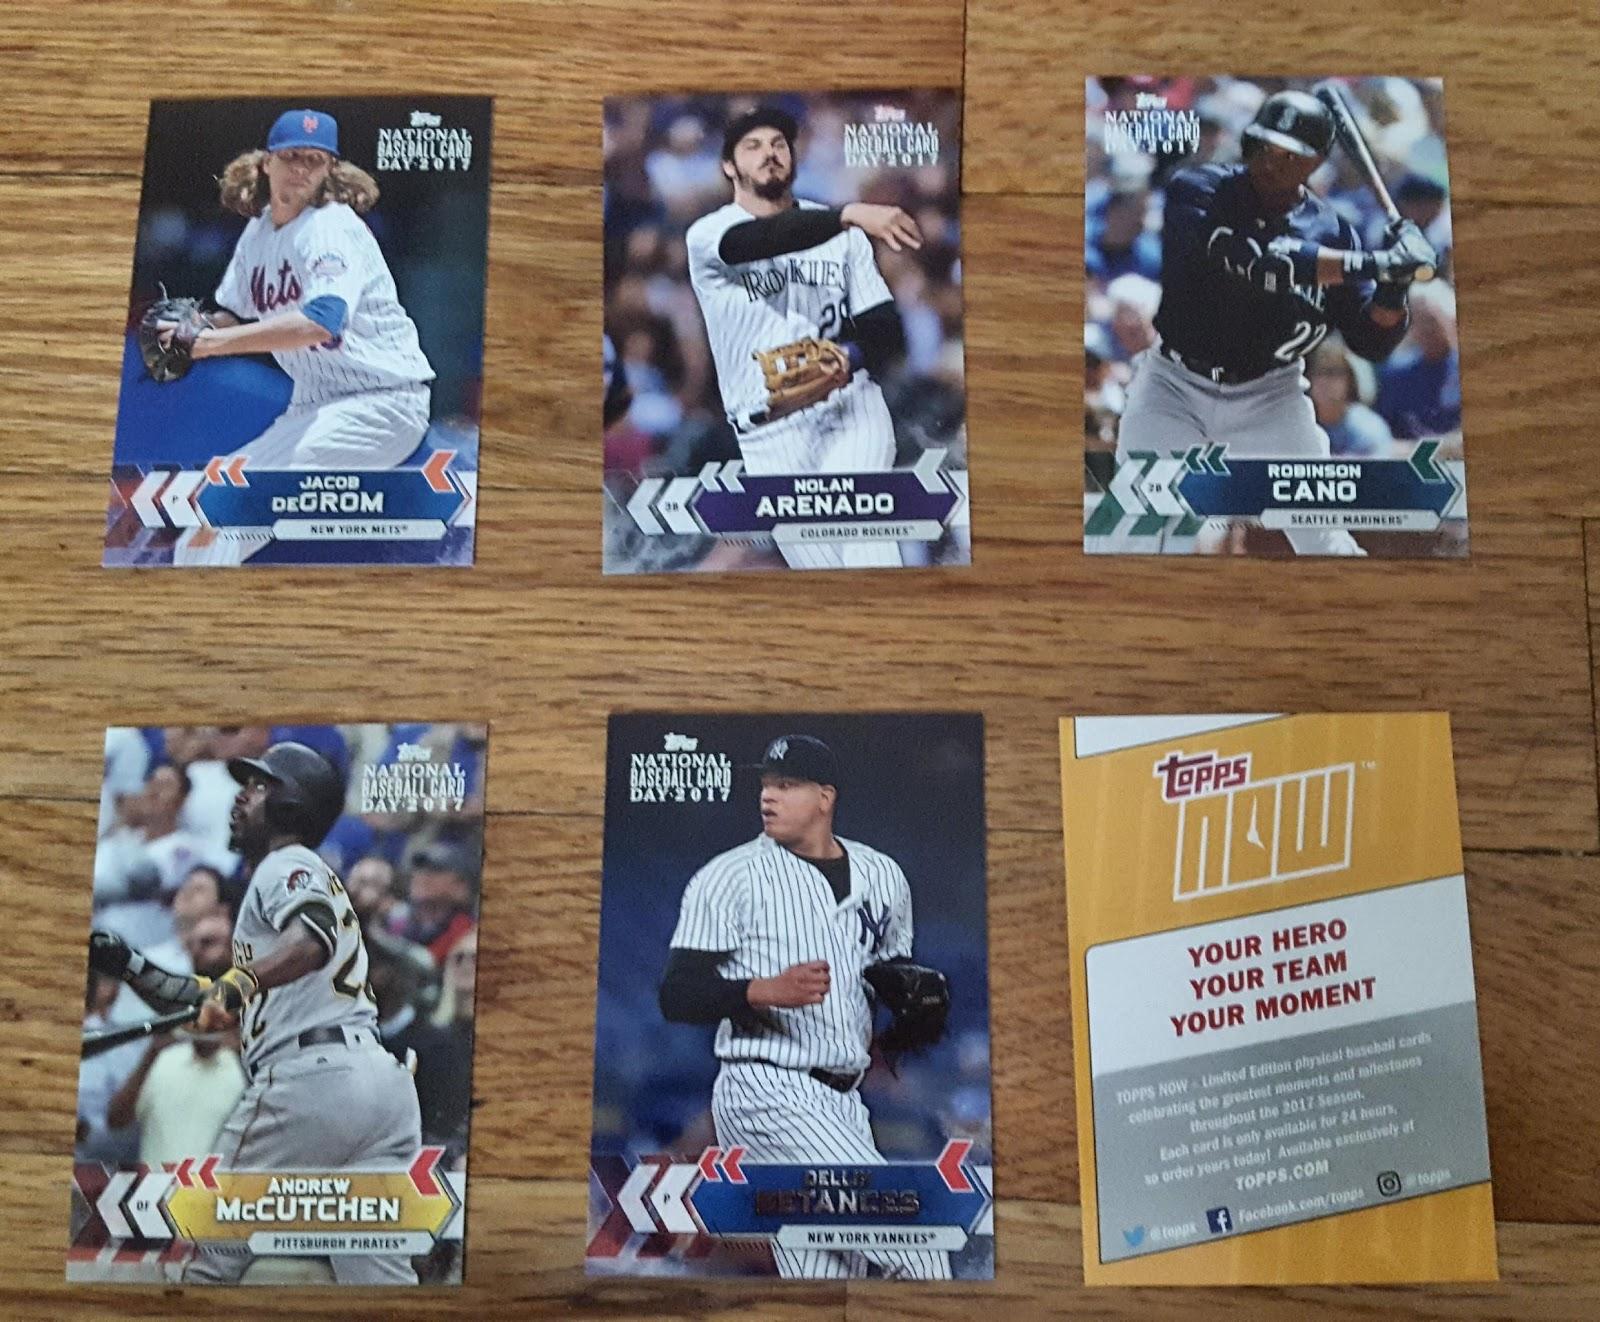 Bdj610s Topps Baseball Card Blog Pack Break 2017 Topps National